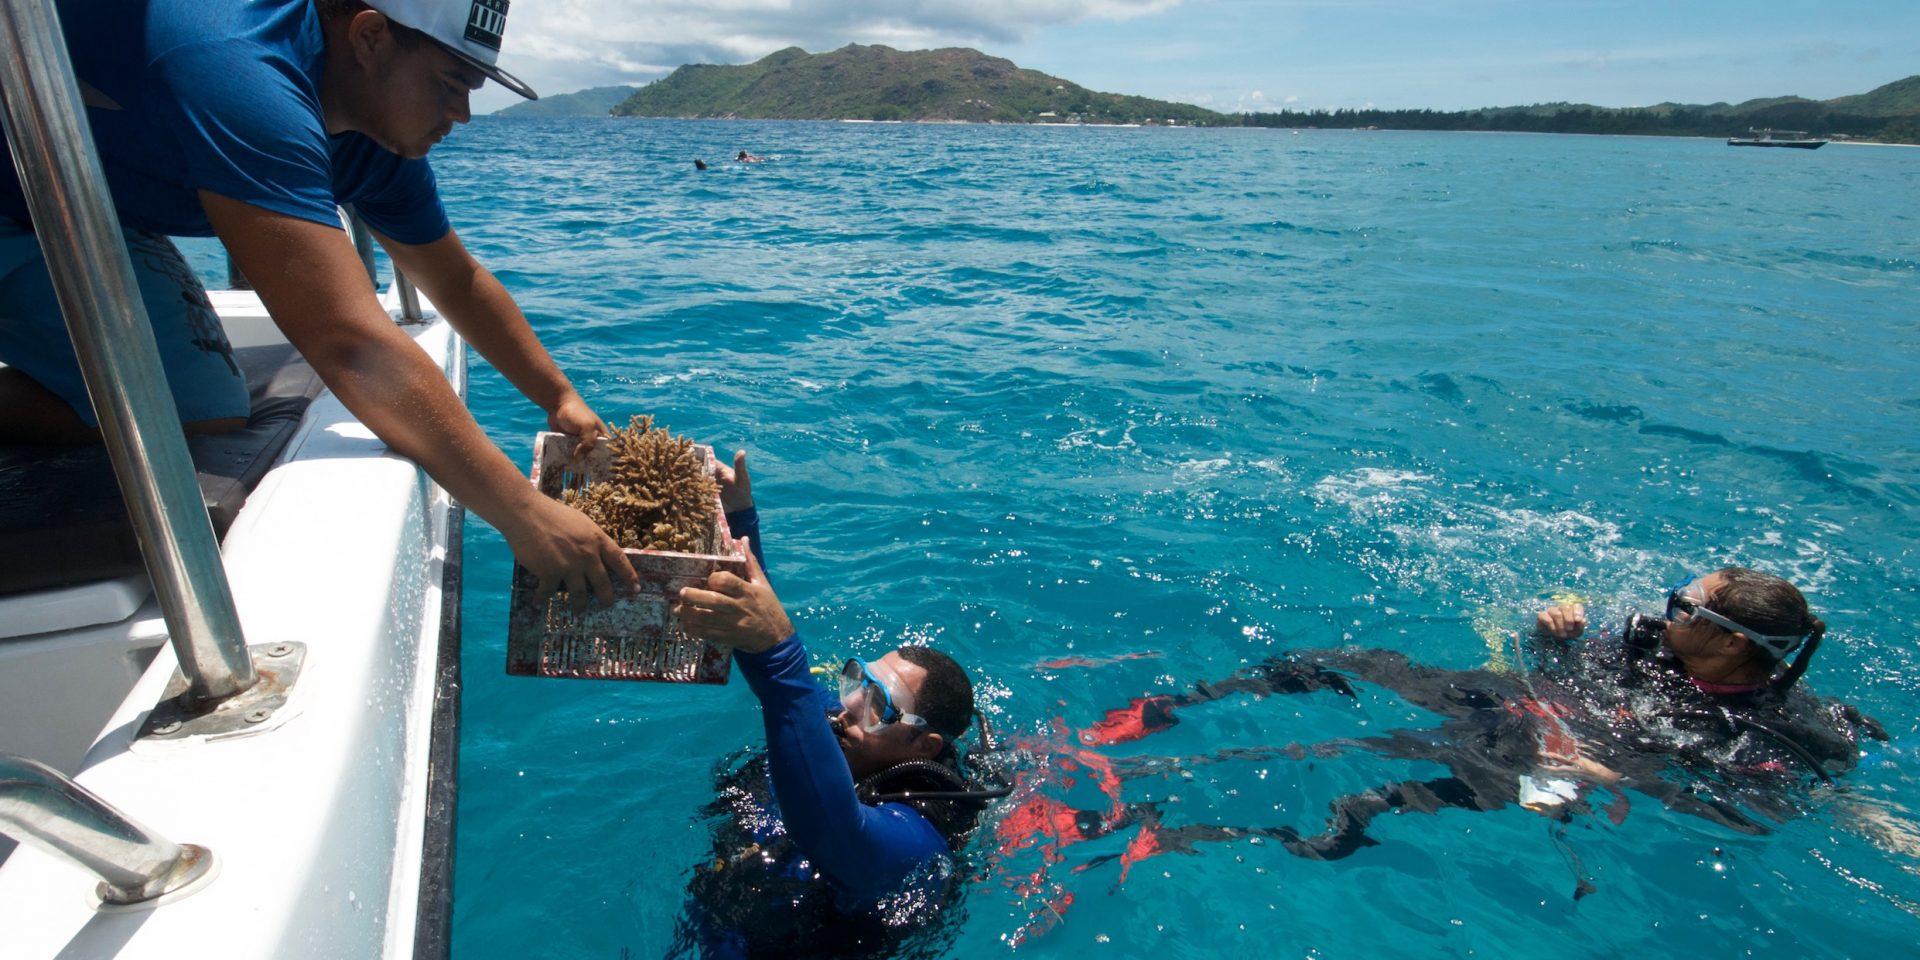 En av februaris hoppfulla nyheter är att två stora havsområden vid Seychellerna har fått marint skydd. Här lämnas koraller som odlats i labb över till en dykare för att återintroduceras.